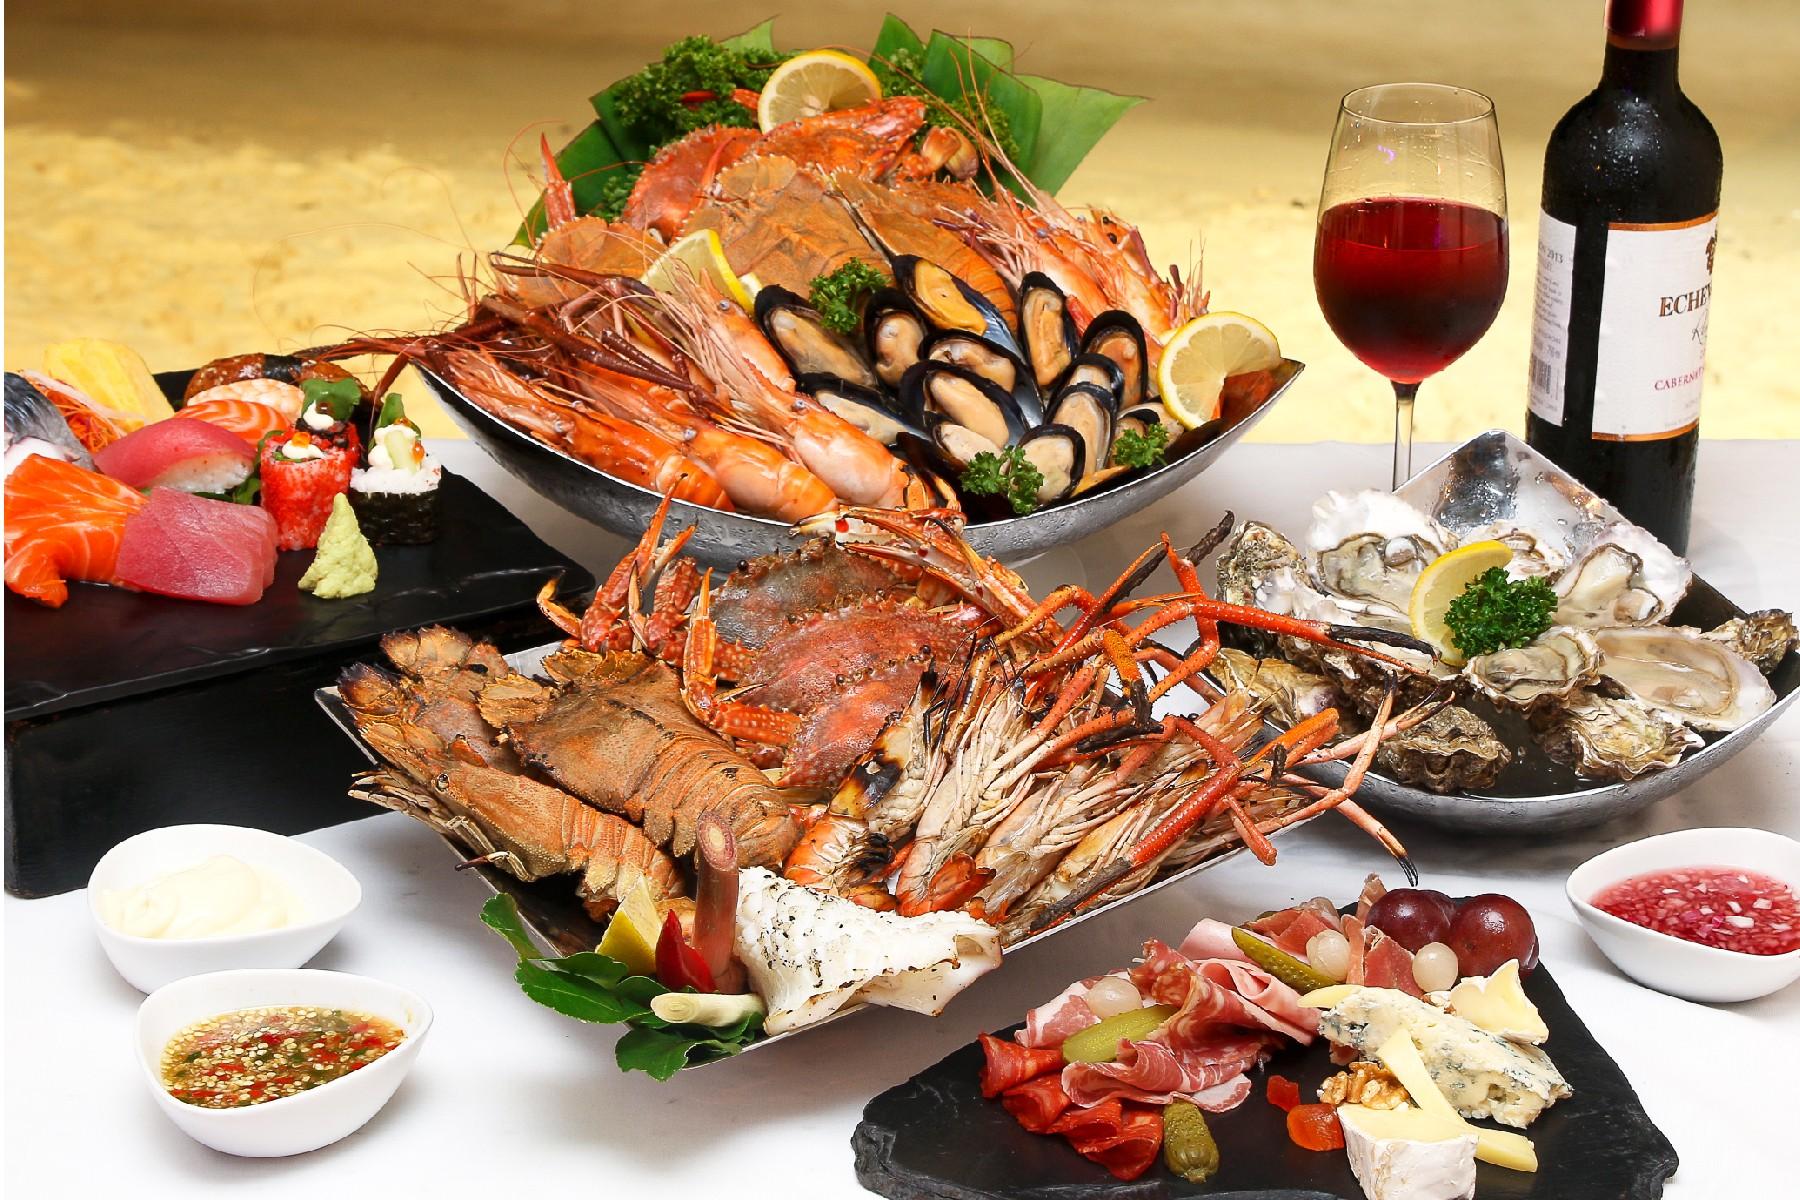 intl-seafood-bbq-buffet